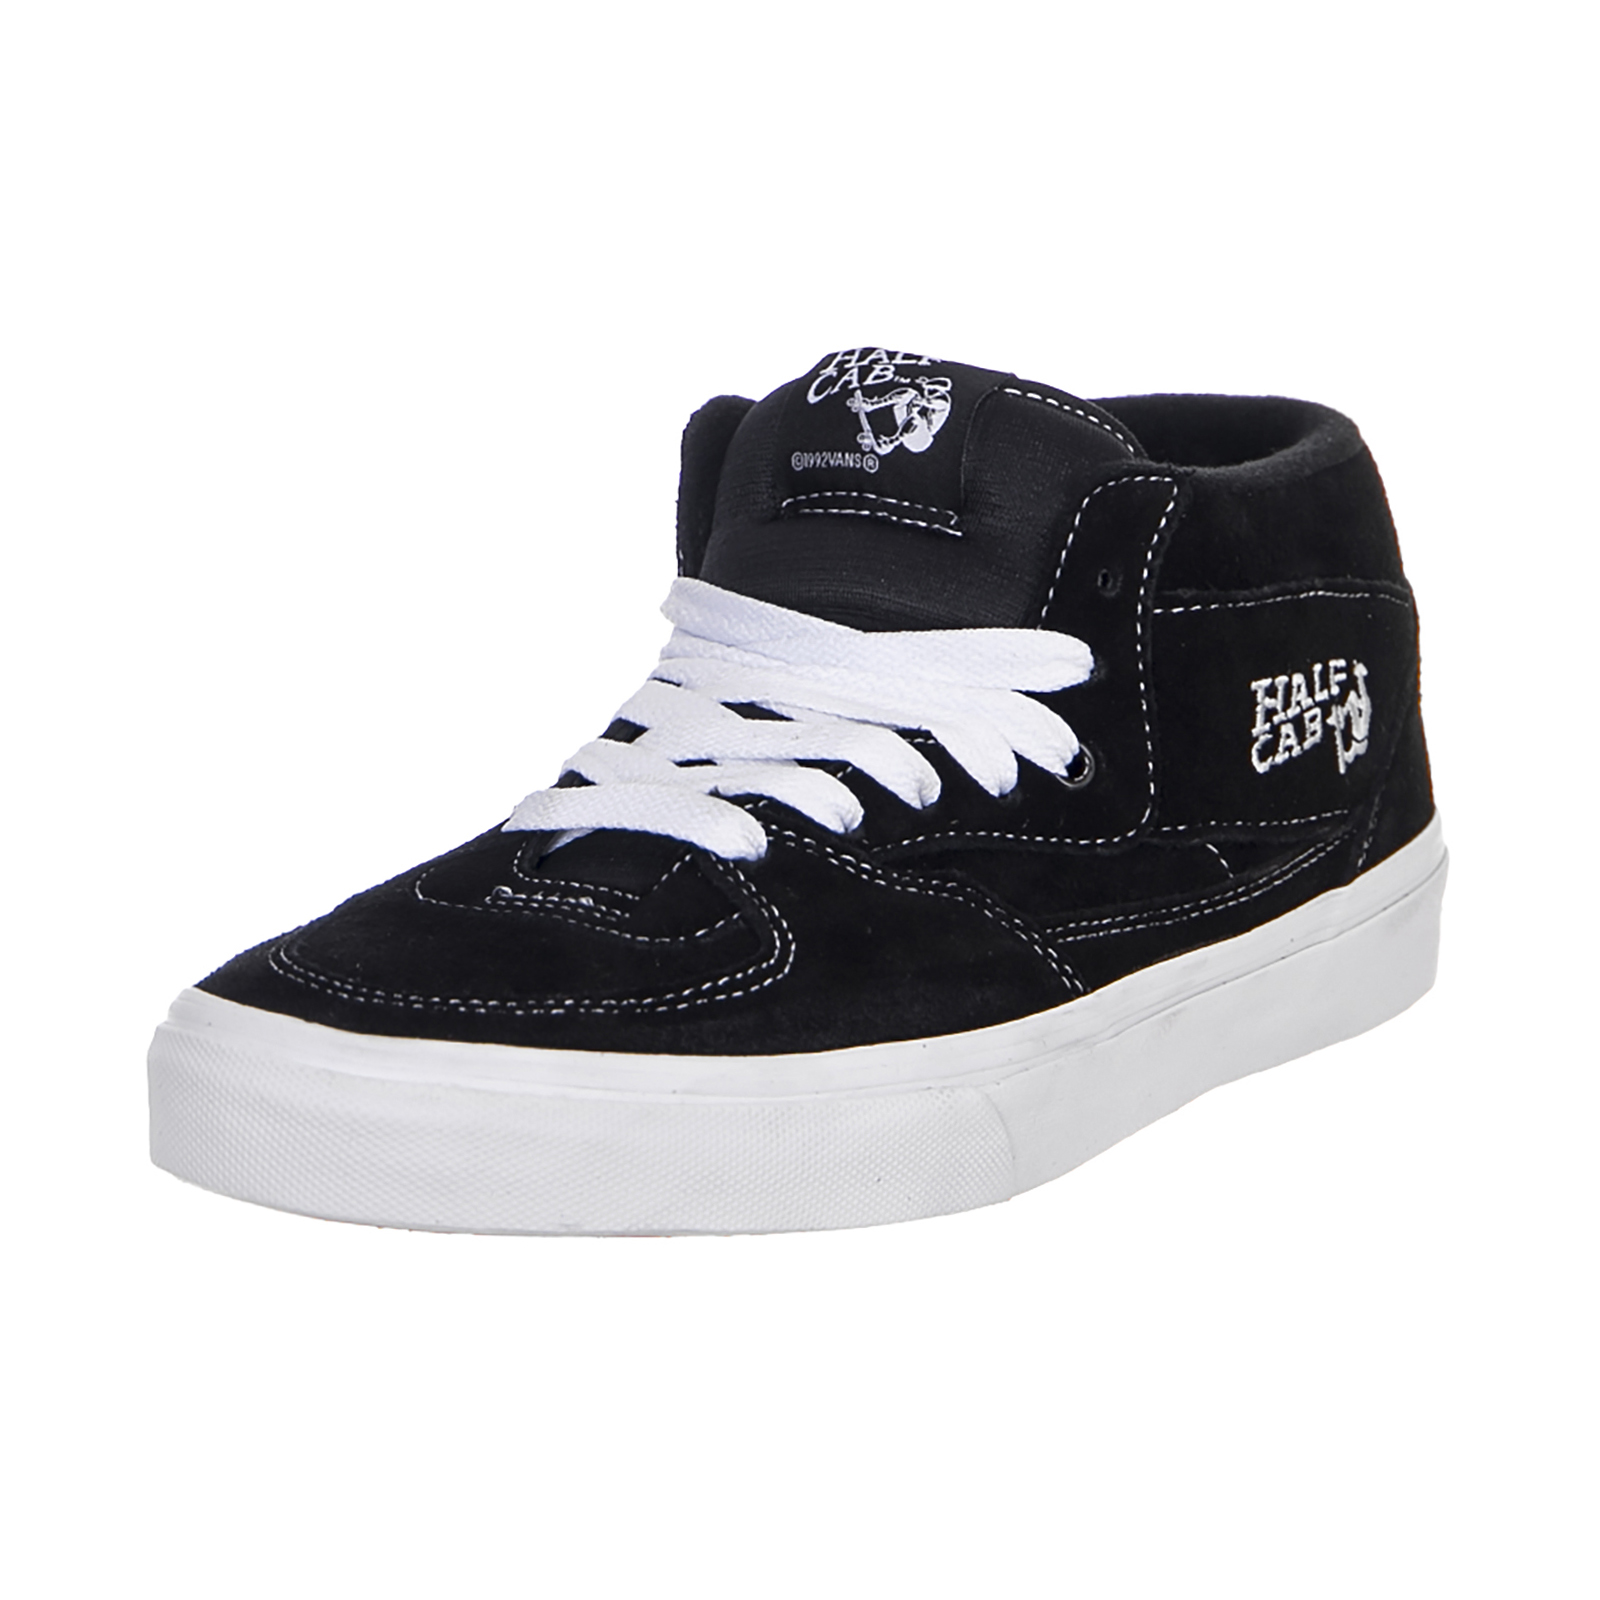 8b671bf5220 Vans Sneakers Ua Half Cab Black Black